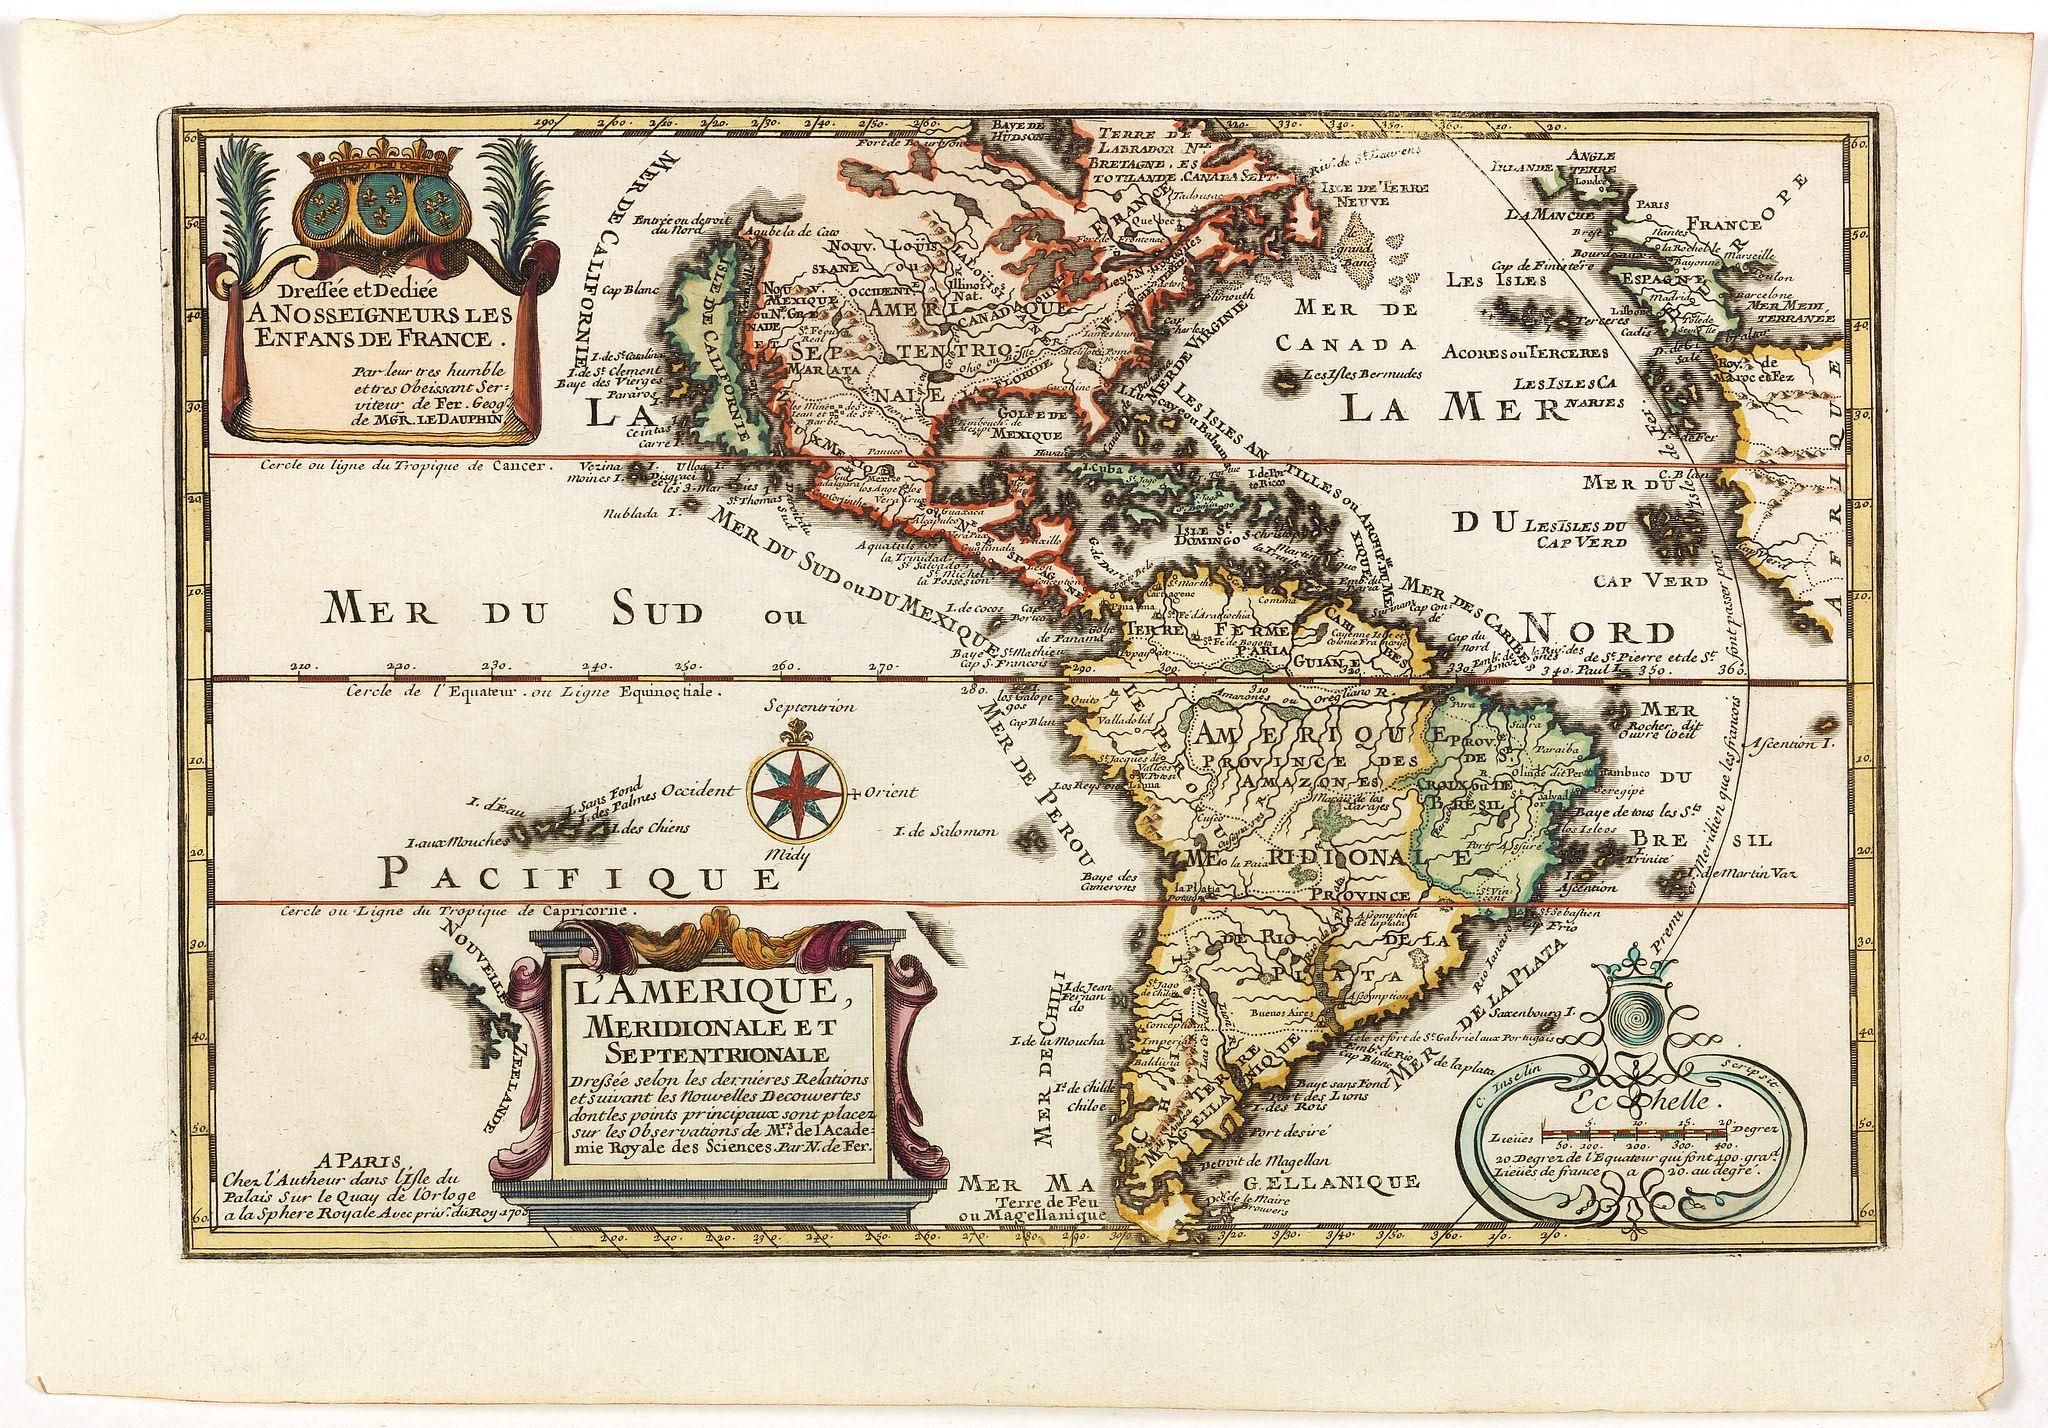 DE FER, N. -  L'Amerique, Meridionale et Septentrionale.